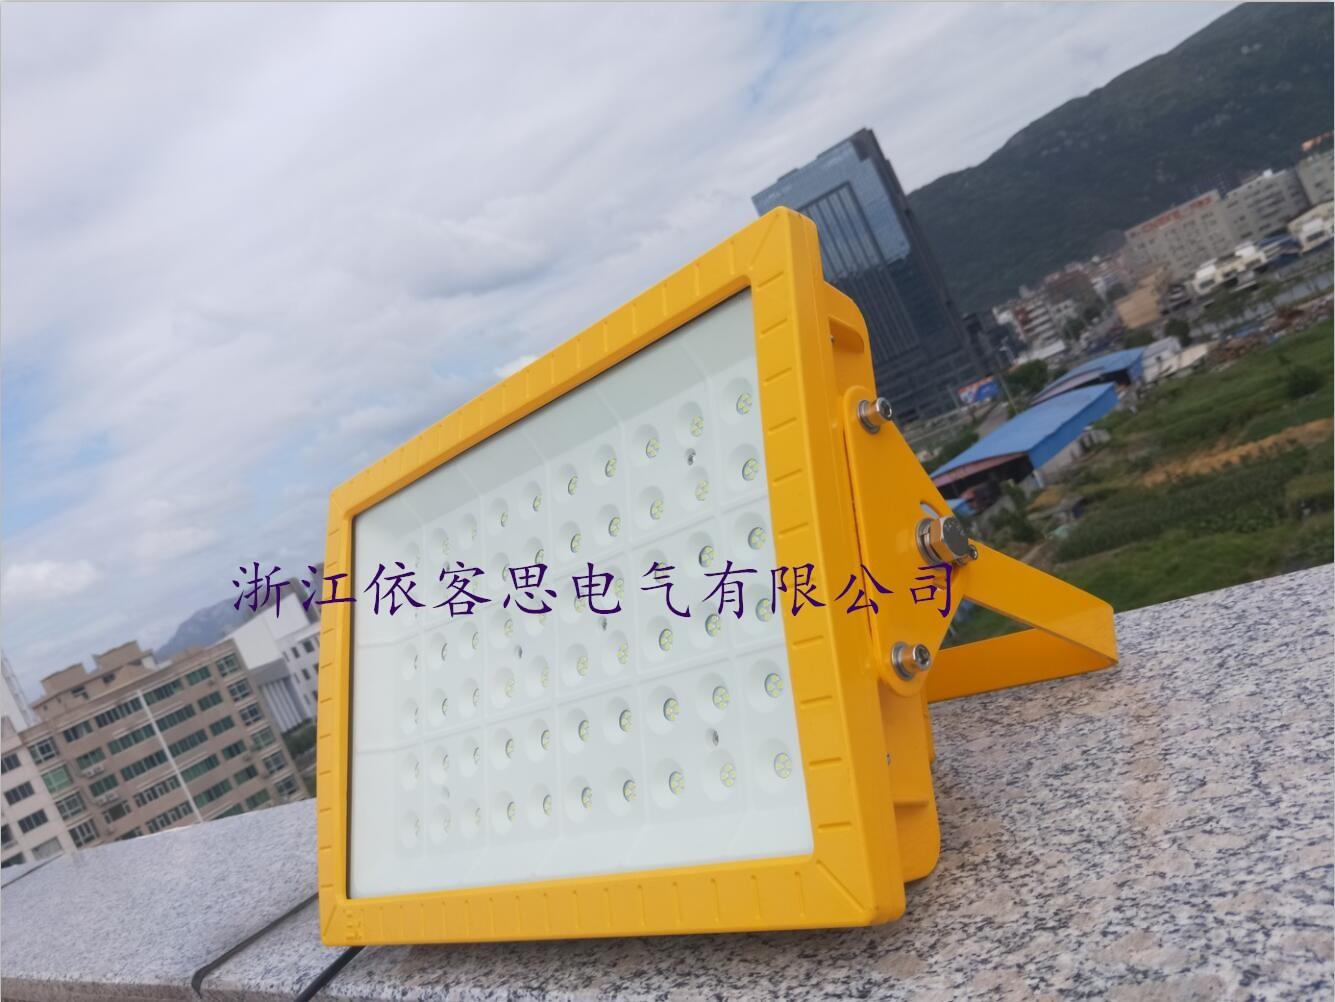 工厂用防爆LED灯200W纳米款防爆泛光灯厂家